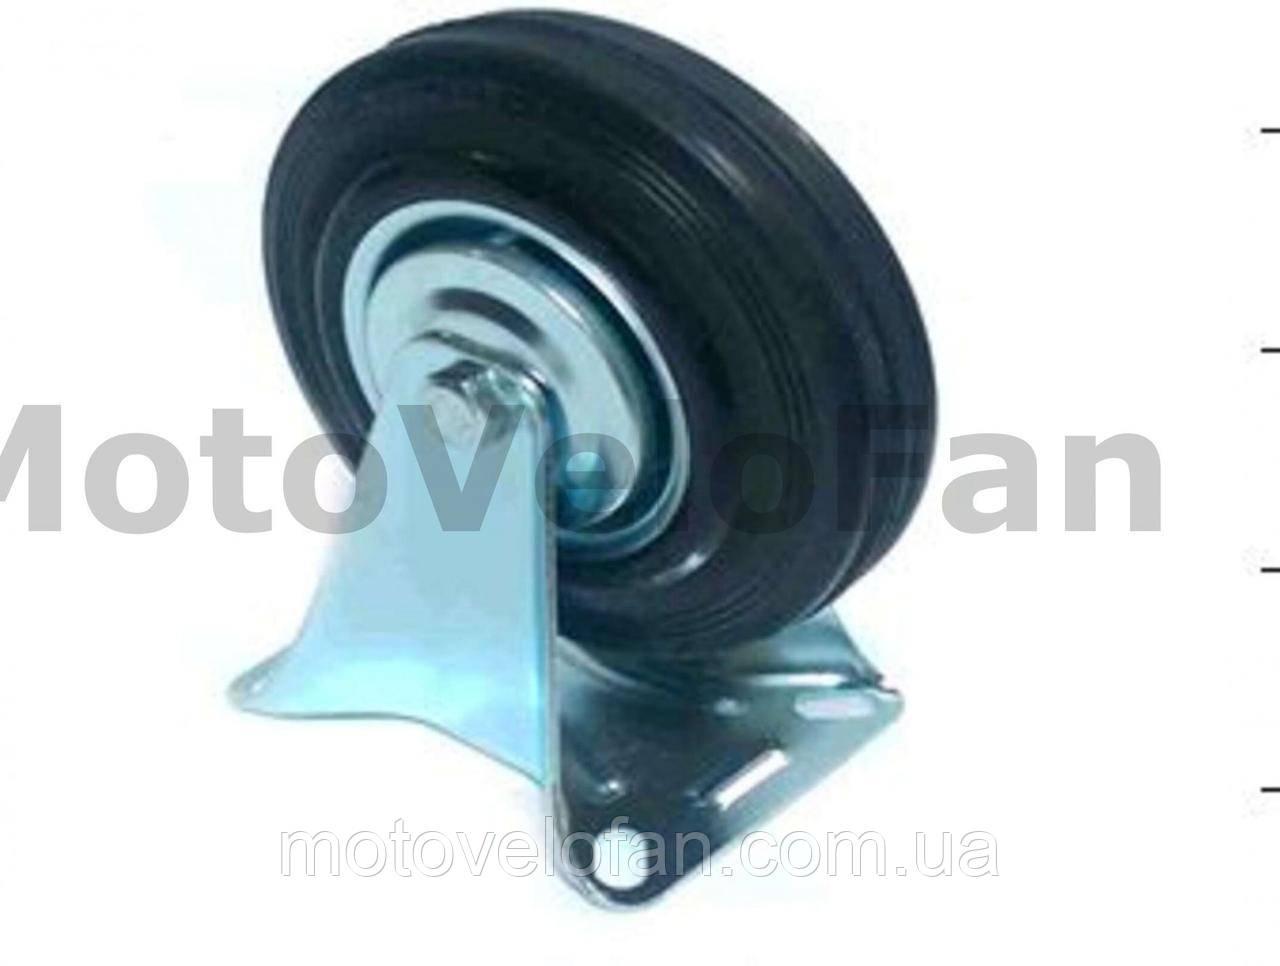 Колесо для тачек и платформ (литая резина) (в сборе с прямым креплением)   (160mm)   ELIT